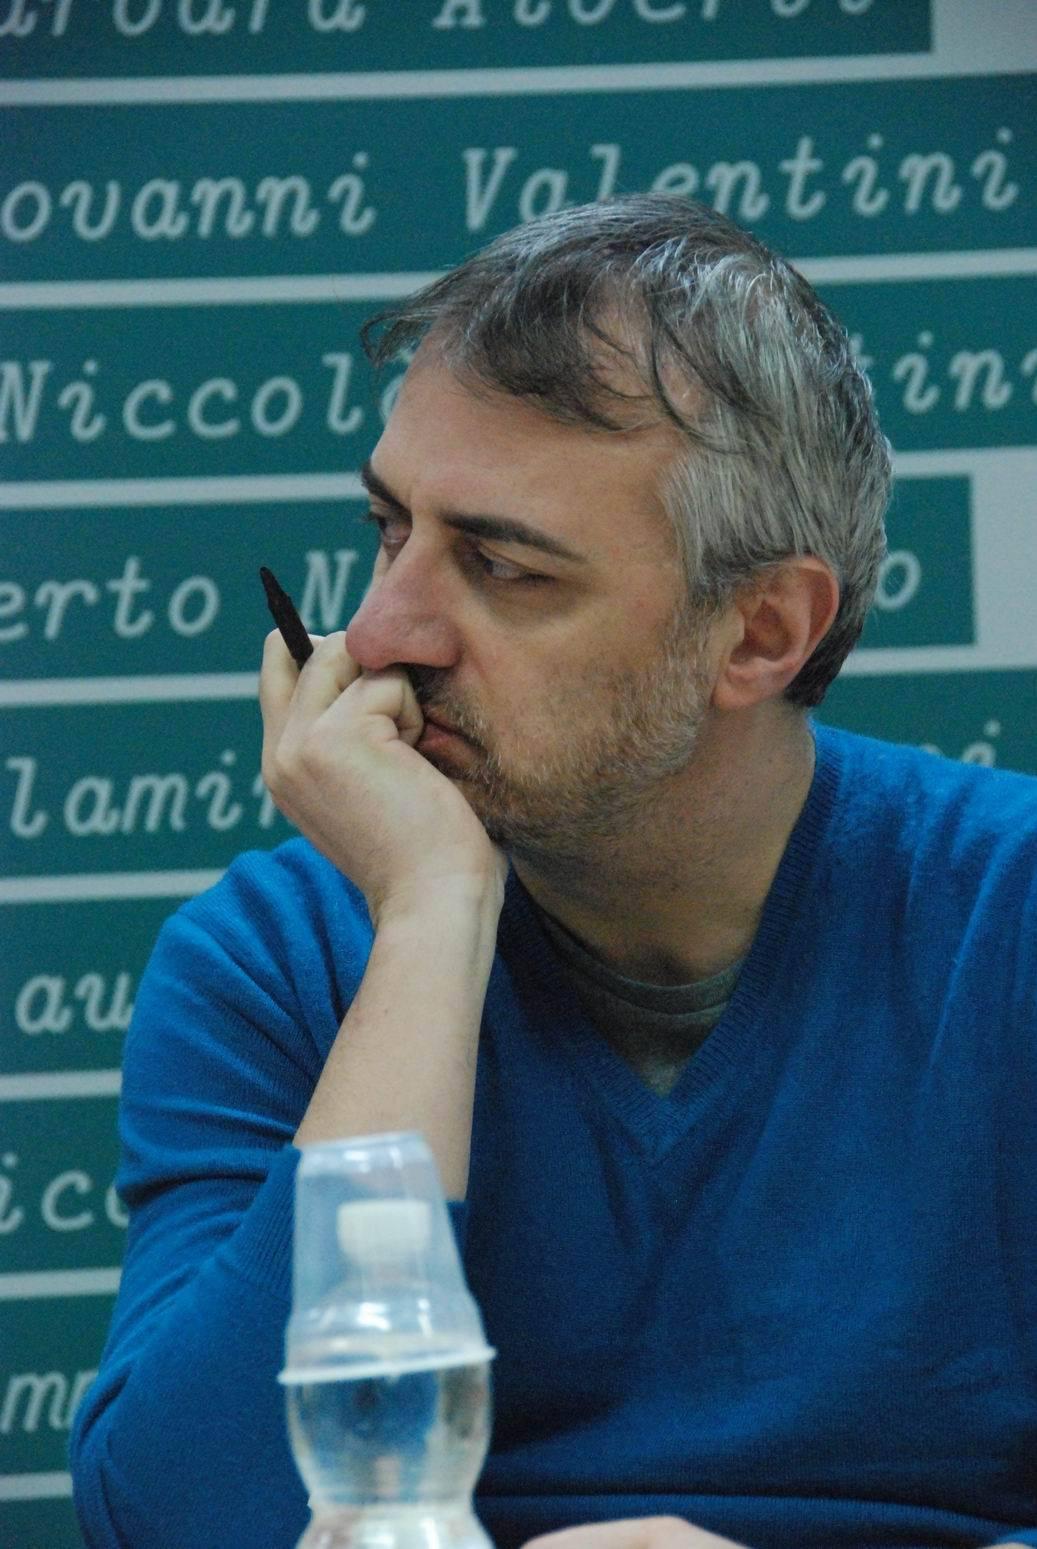 La nota di Pasquale Bottone: che brutta campagna elettorale, non vedo il vecchio, non vedo il nuovo (rianimiamoci che così si va a sbattere tutti)